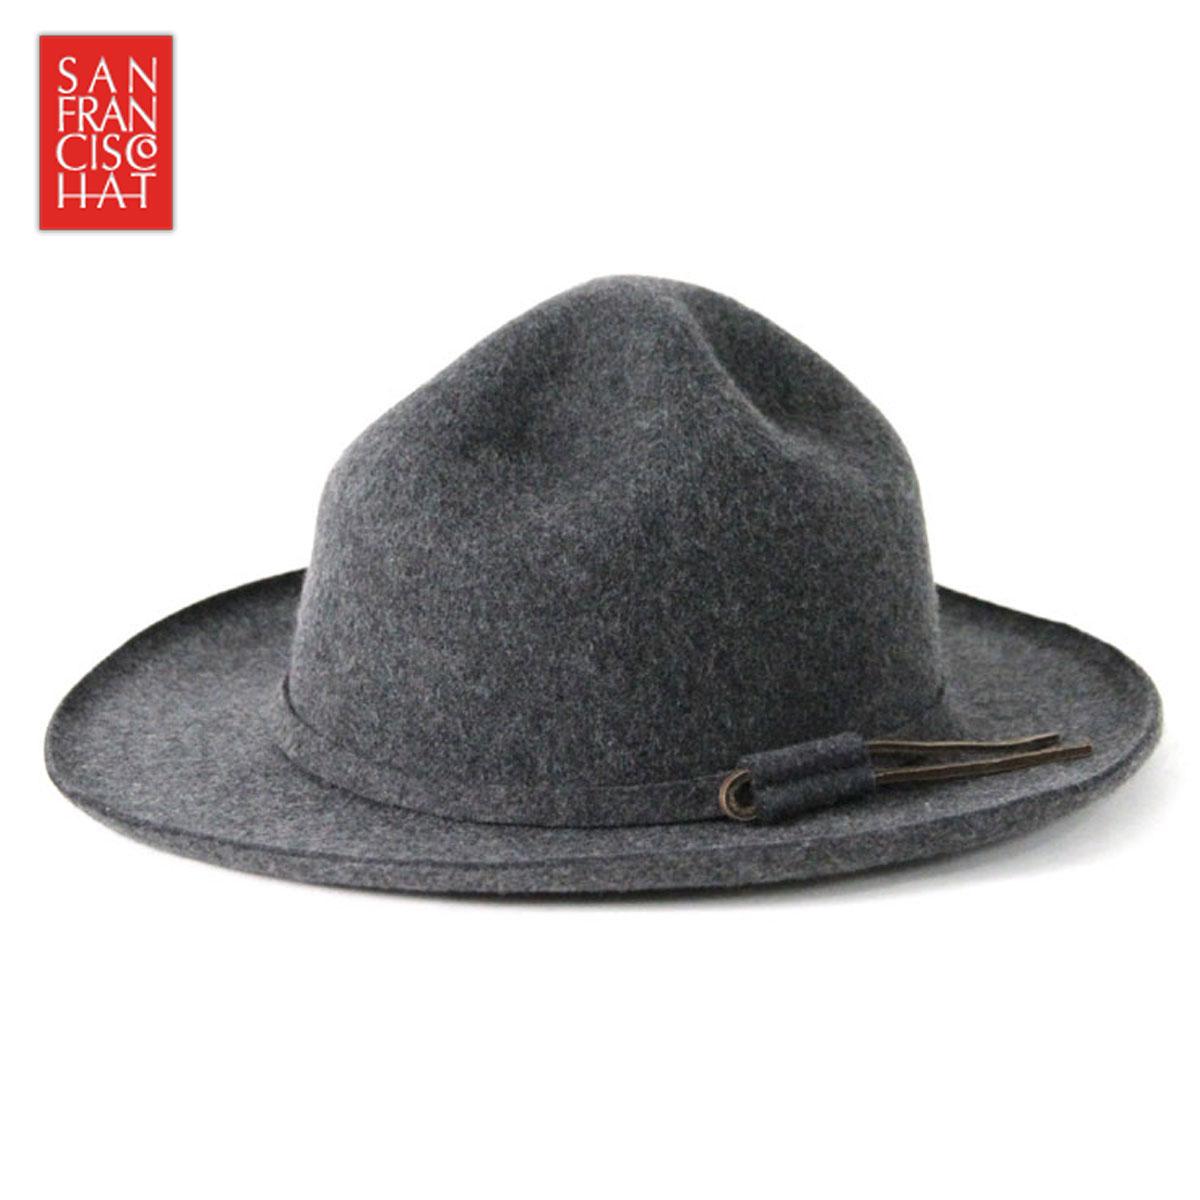 【販売期間 6/4 10:00~6/11 09:59】 サンフランシスコハット SANFRANCISCO HAT 正規販売店 正規品 帽子 ハット 4 DENT CAMPAIGN HAT D15S2 父の日